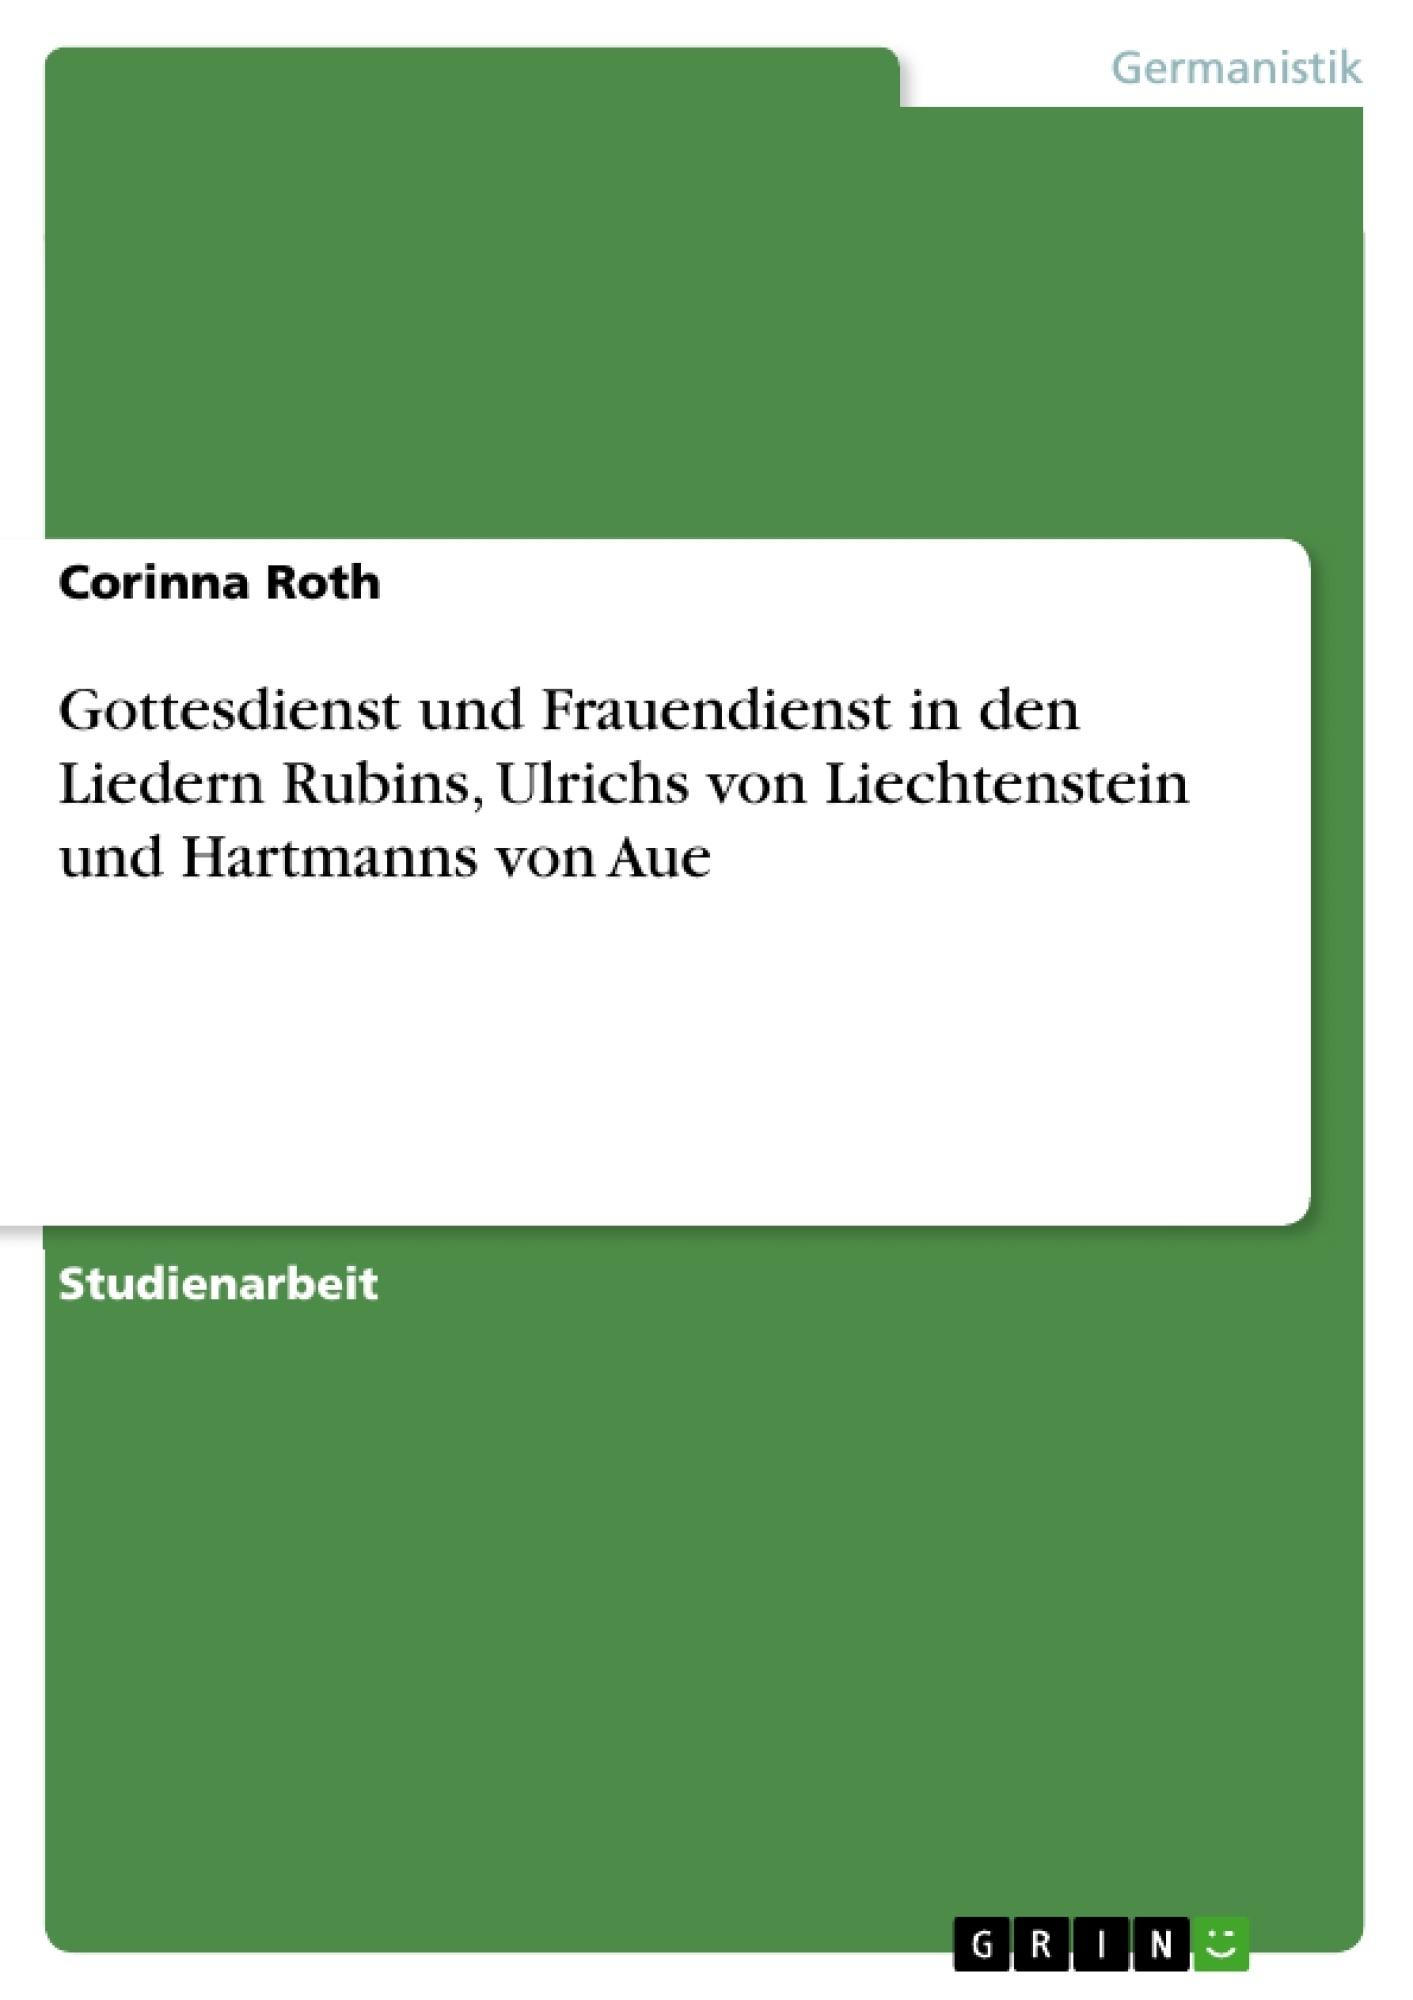 Titel: Gottesdienst und Frauendienst in den Liedern Rubins, Ulrichs von Liechtenstein und Hartmanns von Aue